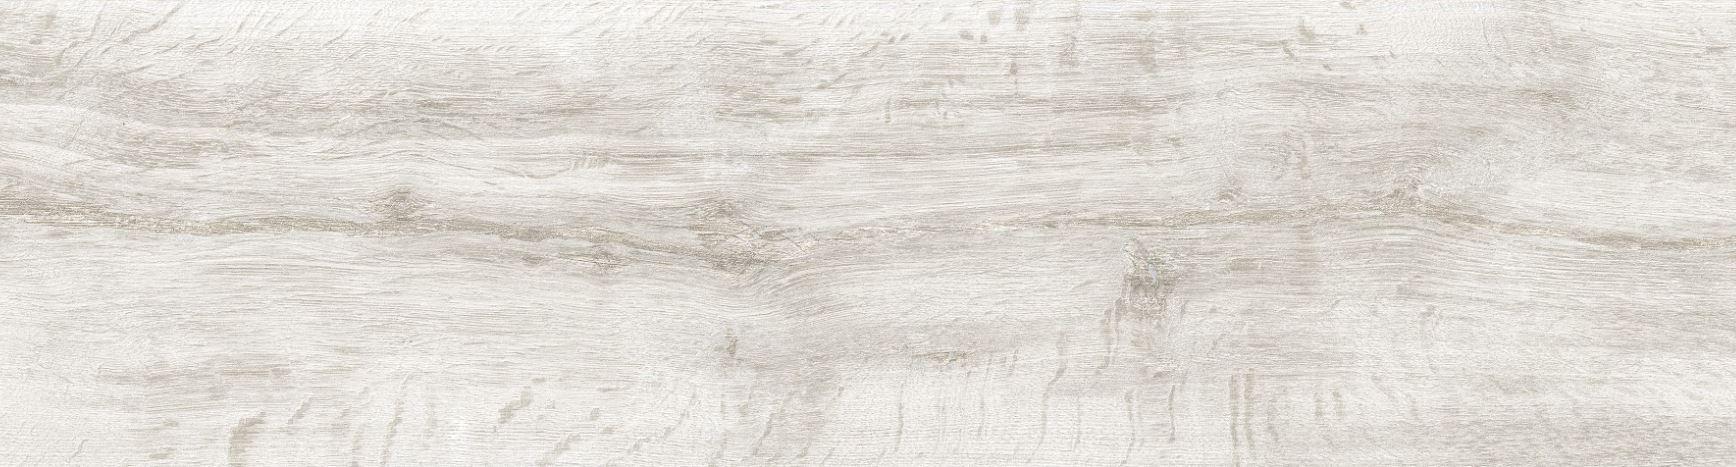 Wild Blanco 6x24